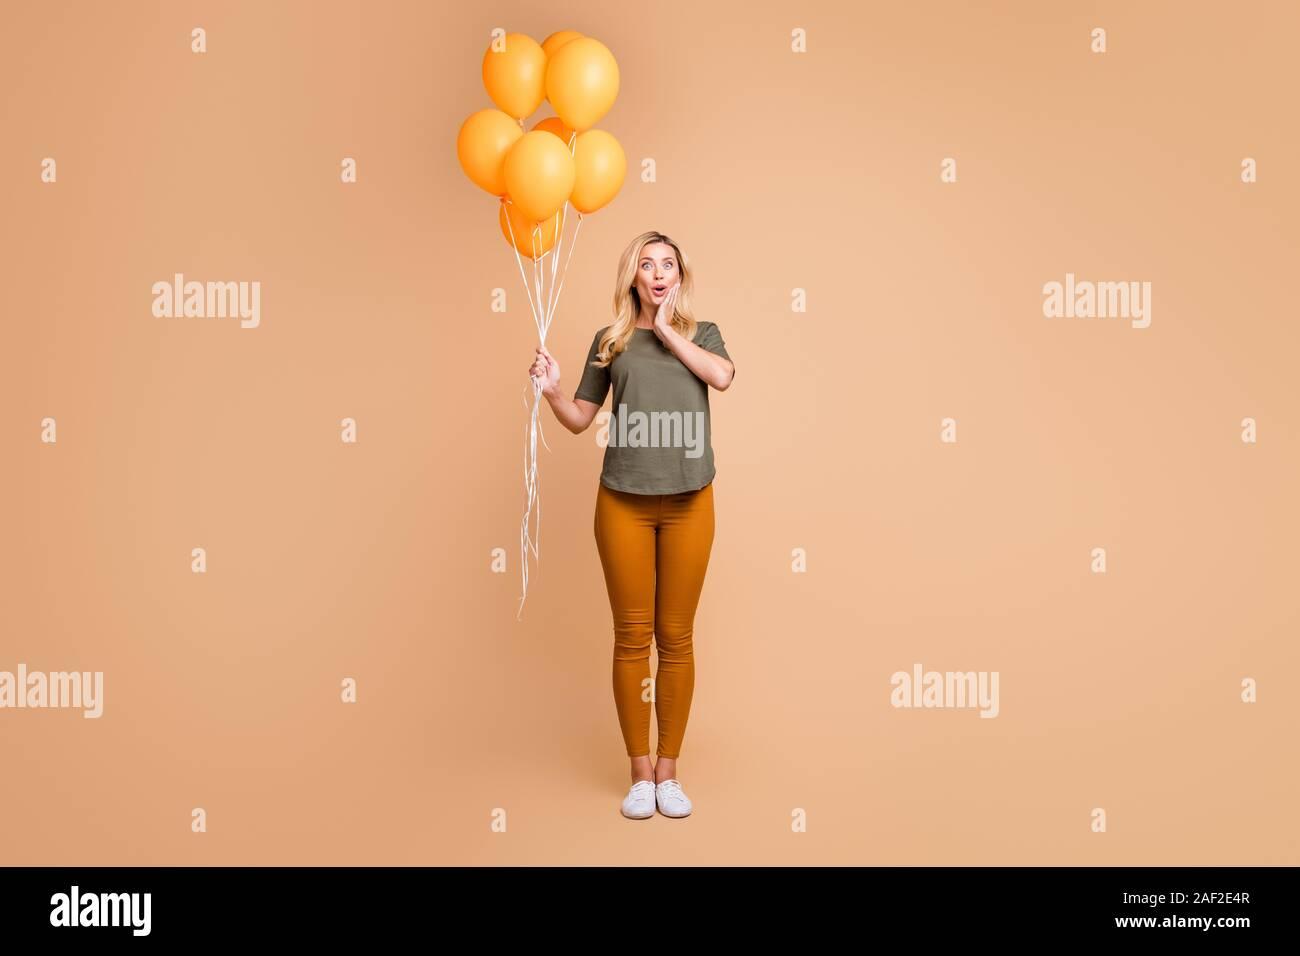 Voller Körper Foto von erstaunlich charmante blonde Dame emotionale Überraschung halten helle orange Luftballons kam Geburtstagsfeier tragen grüne t-shirt Hose Stockfoto